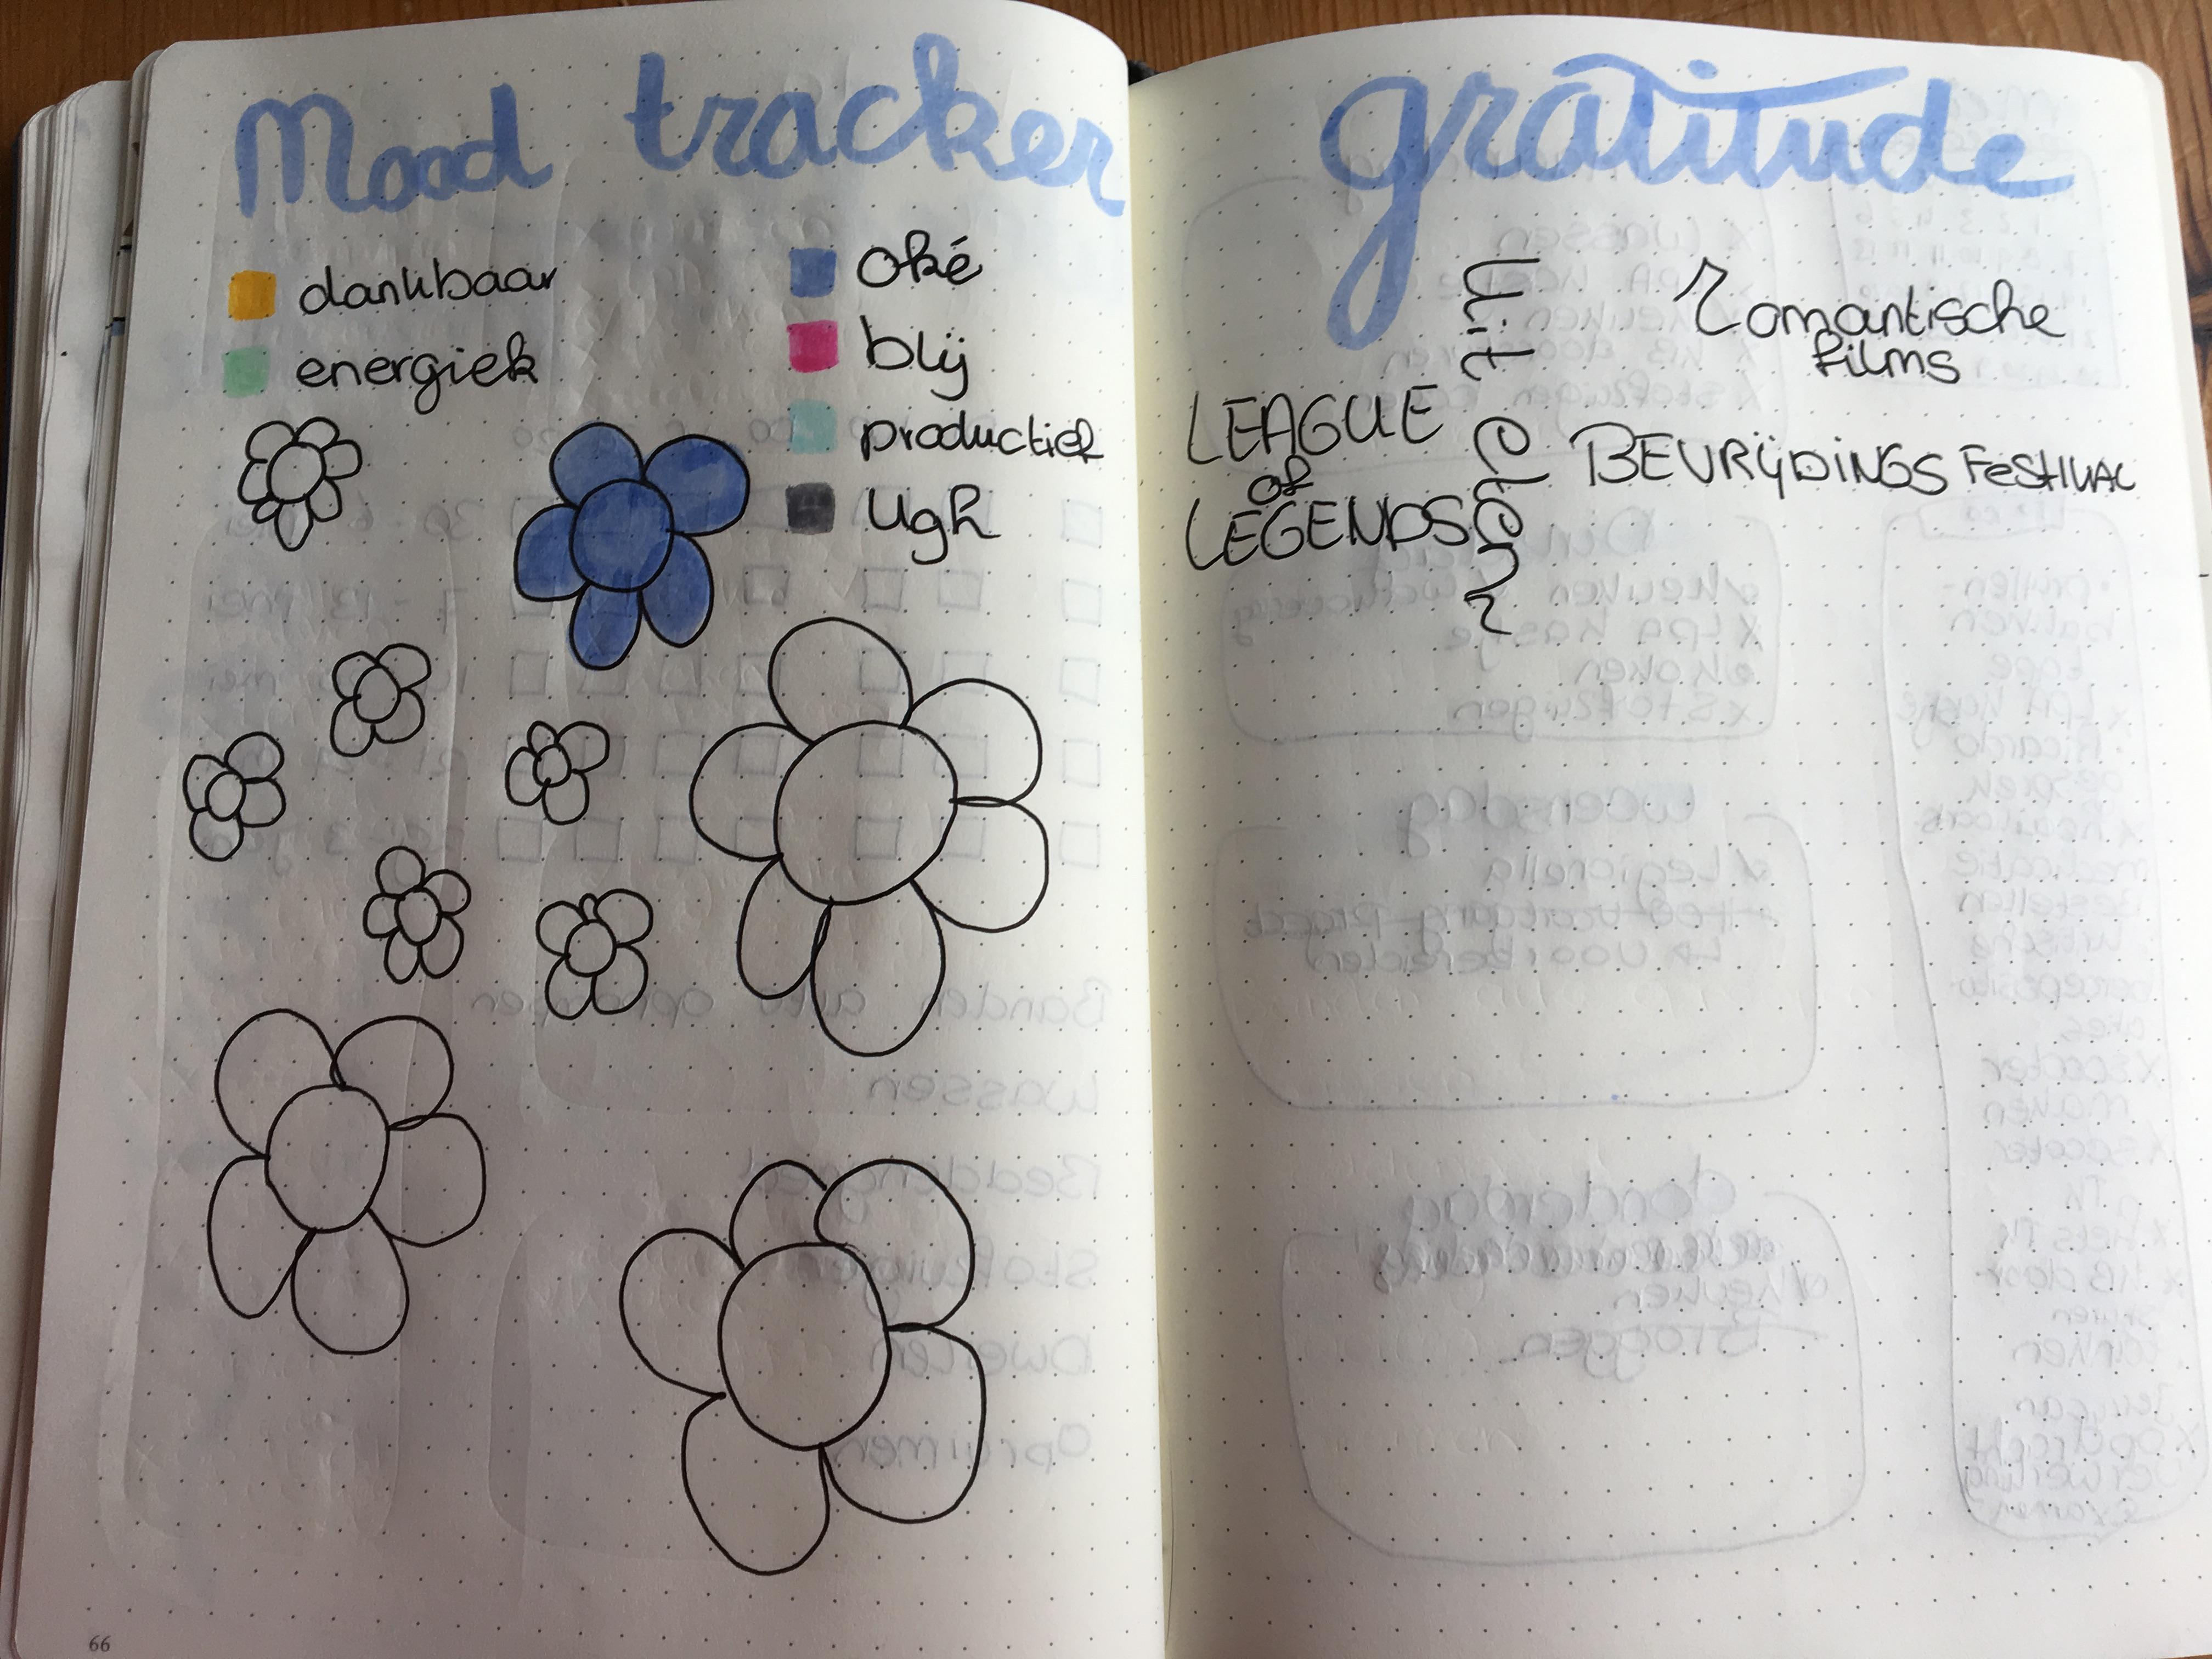 Mood tracker + Gratitude Mei